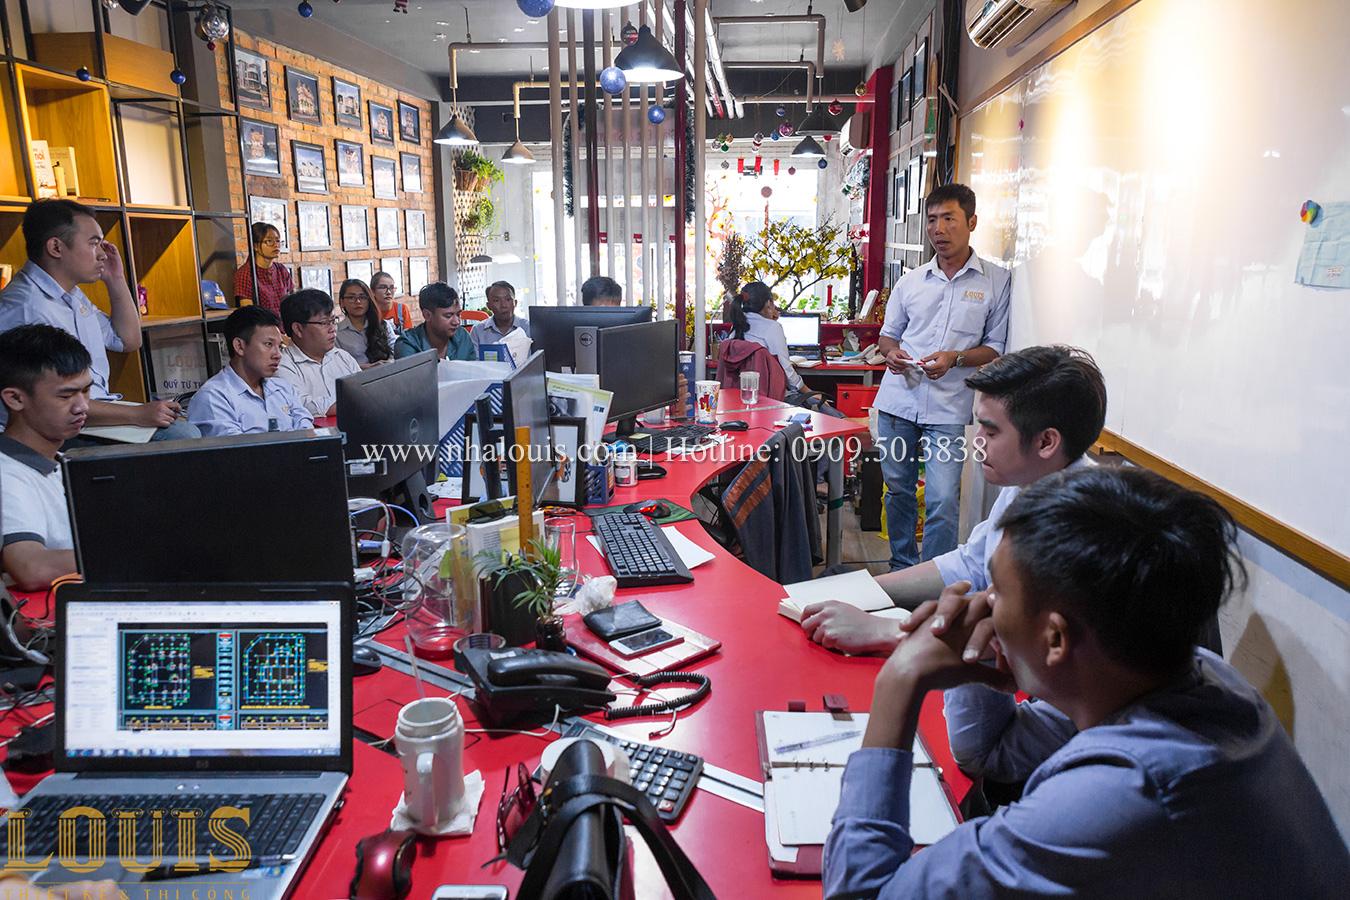 Cuộc họp chiến lược đầu năm 2018 của khối văn phòng công ty LOUIS